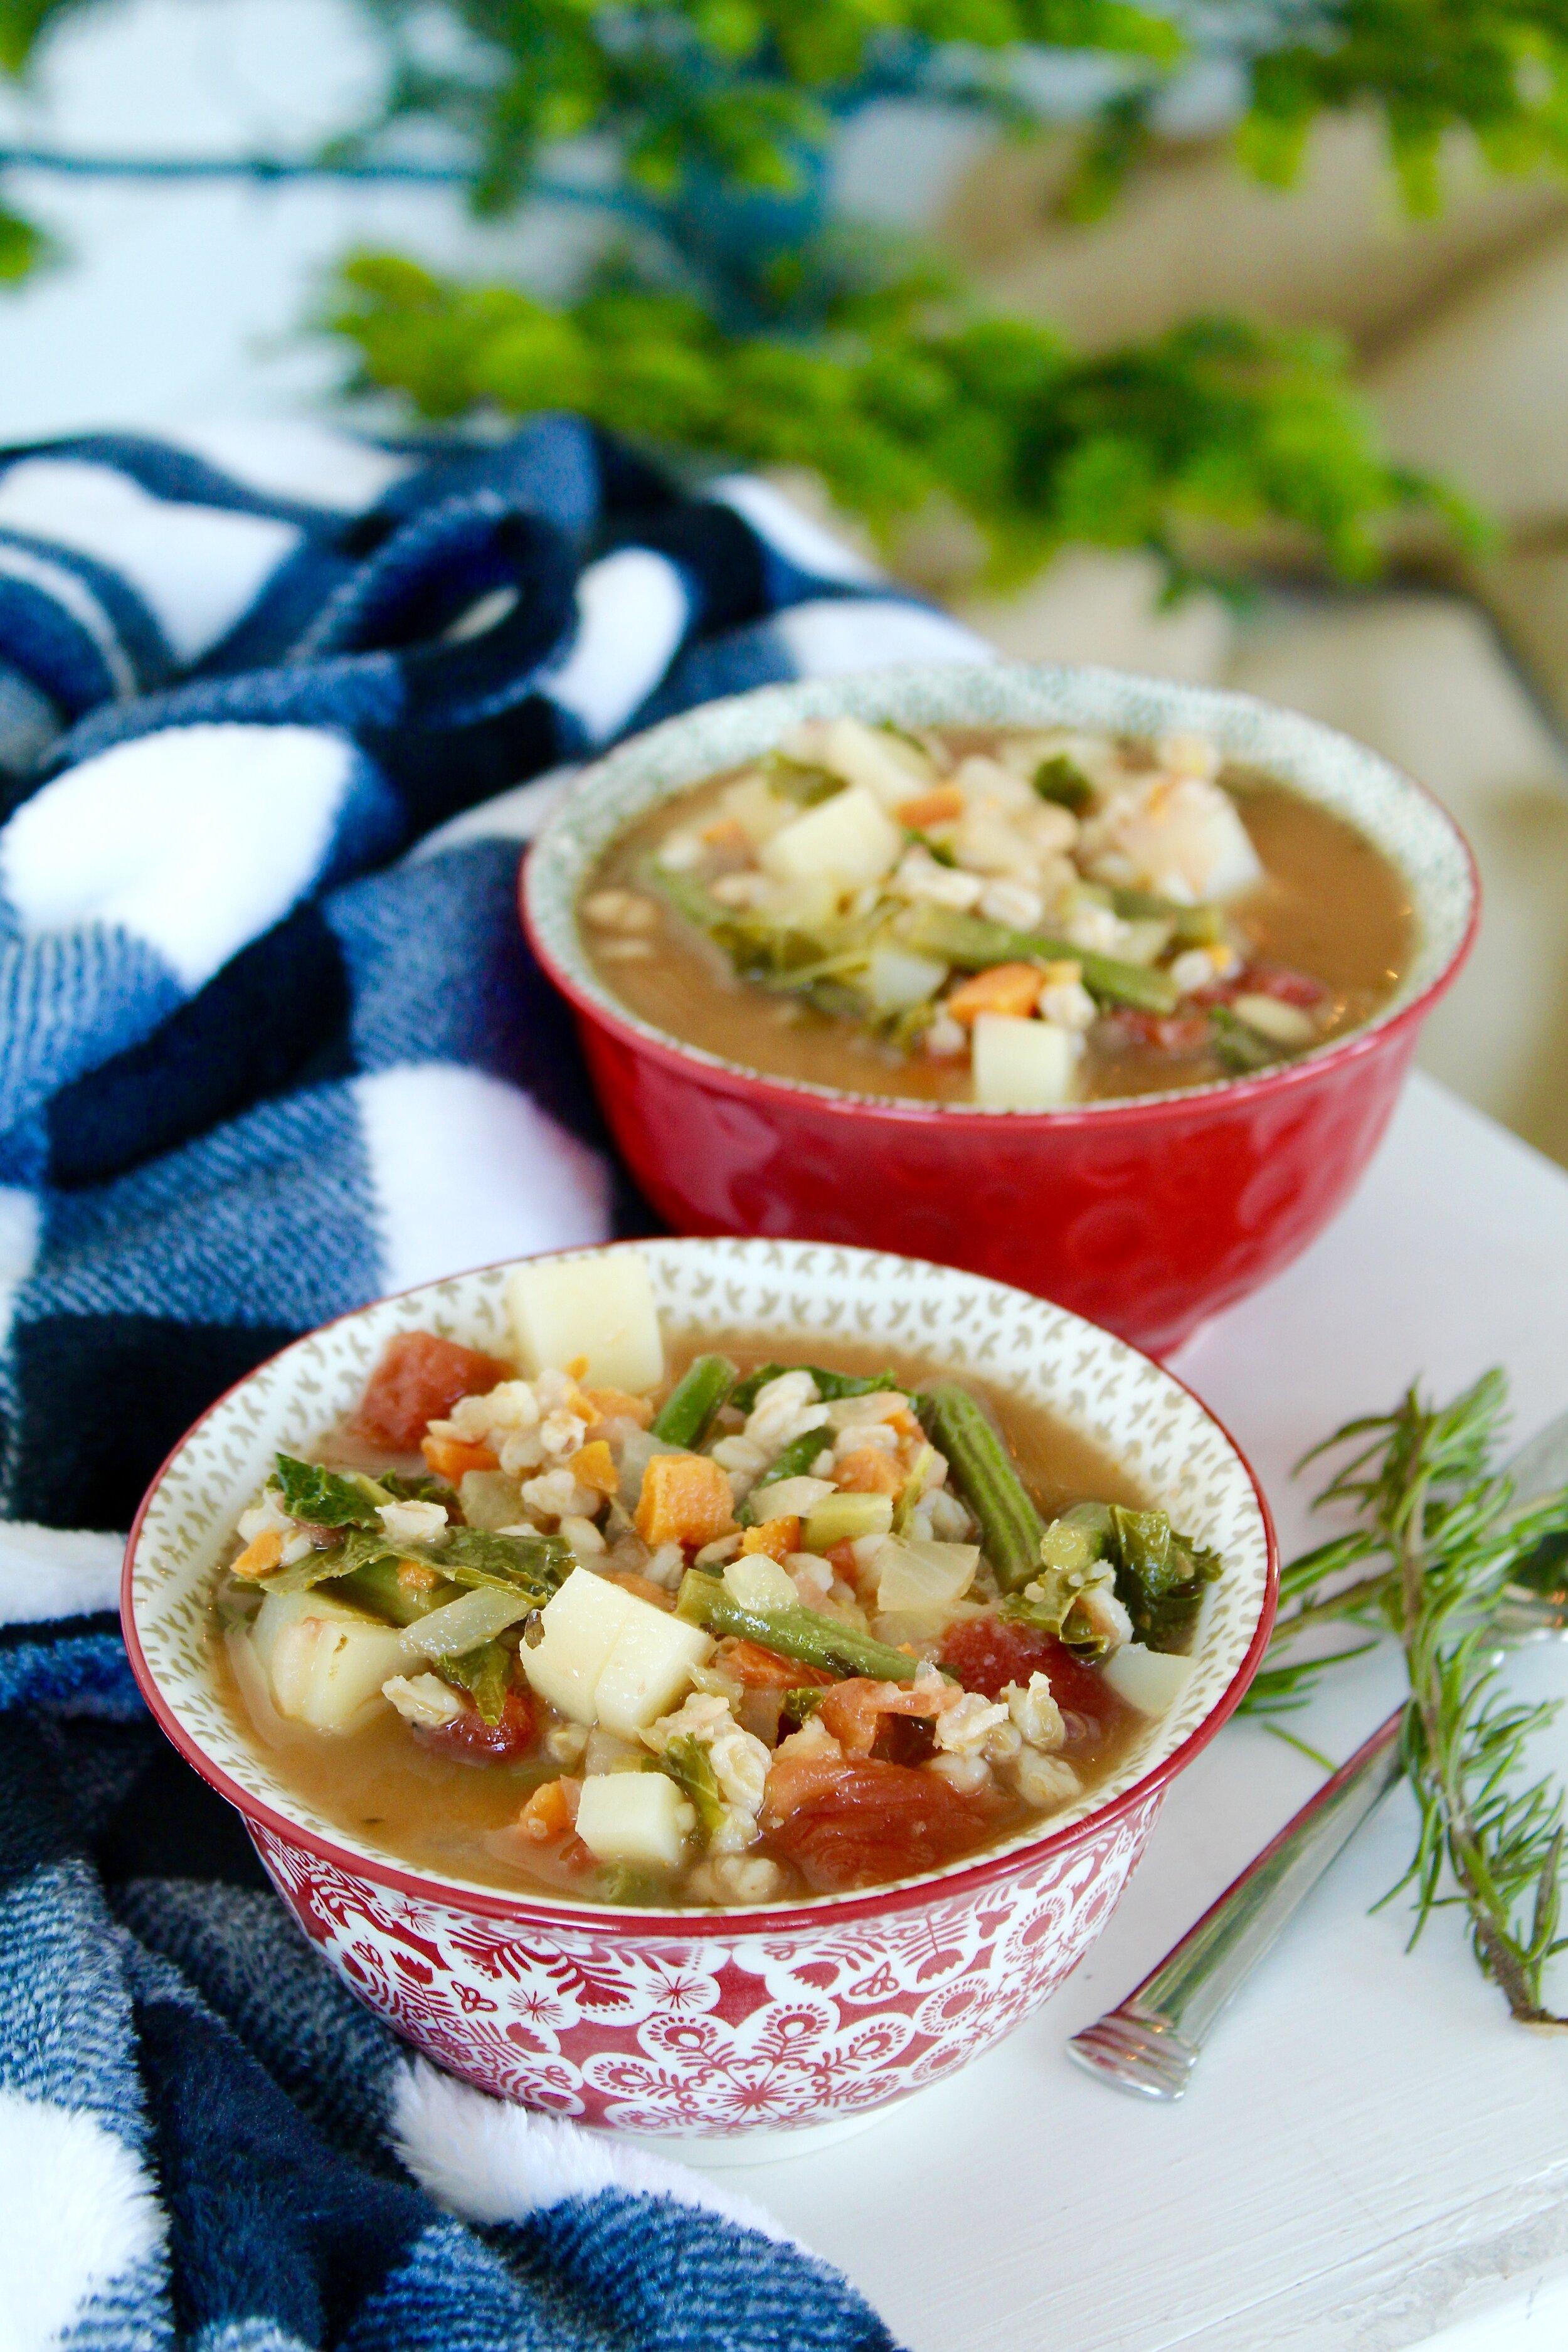 蔬菜通心粉汤与Farro